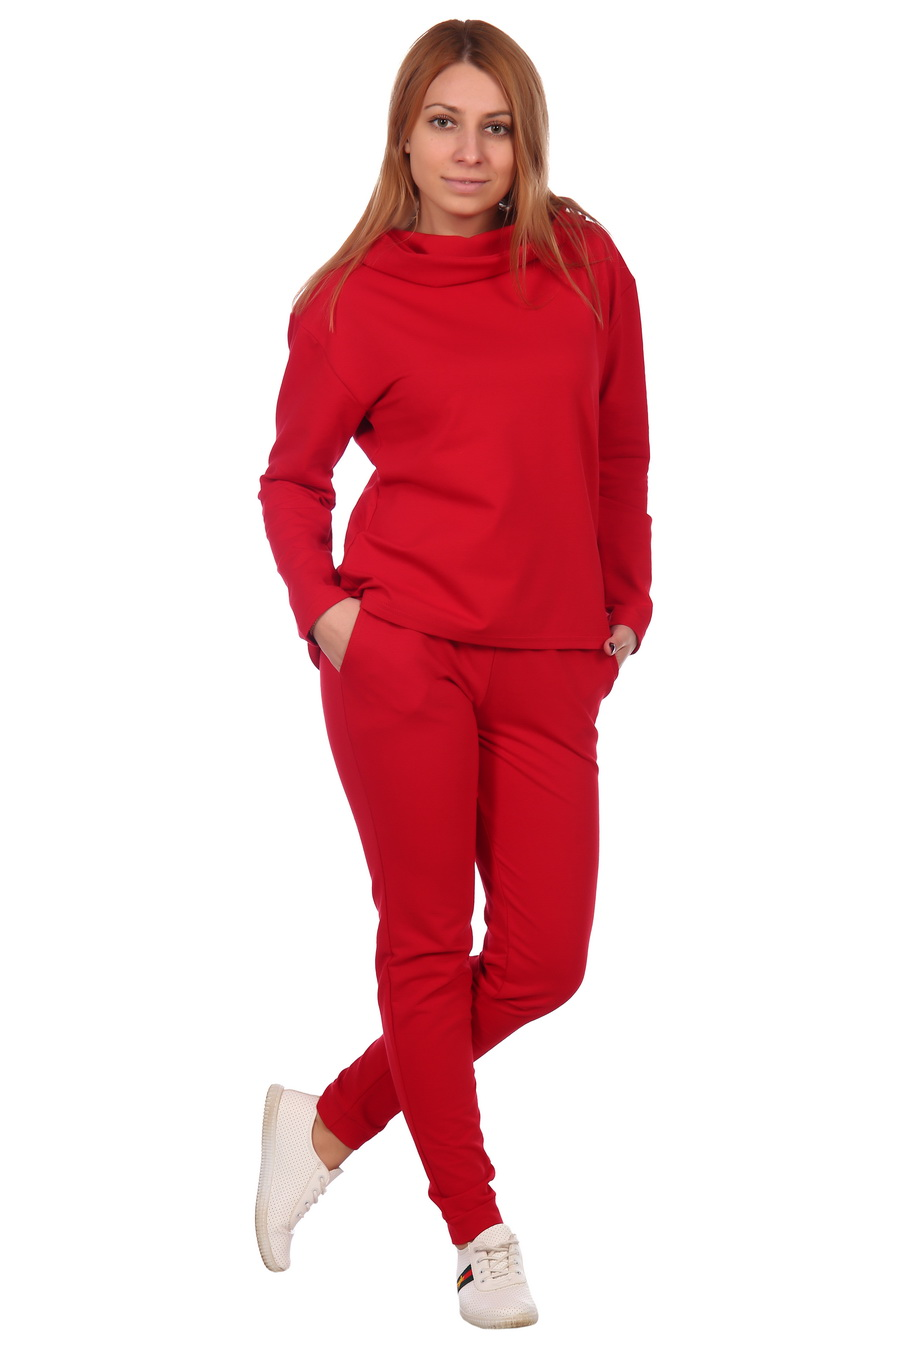 Жен. костюм арт. 17-0074 Красный р. 46 ЕленаТекс